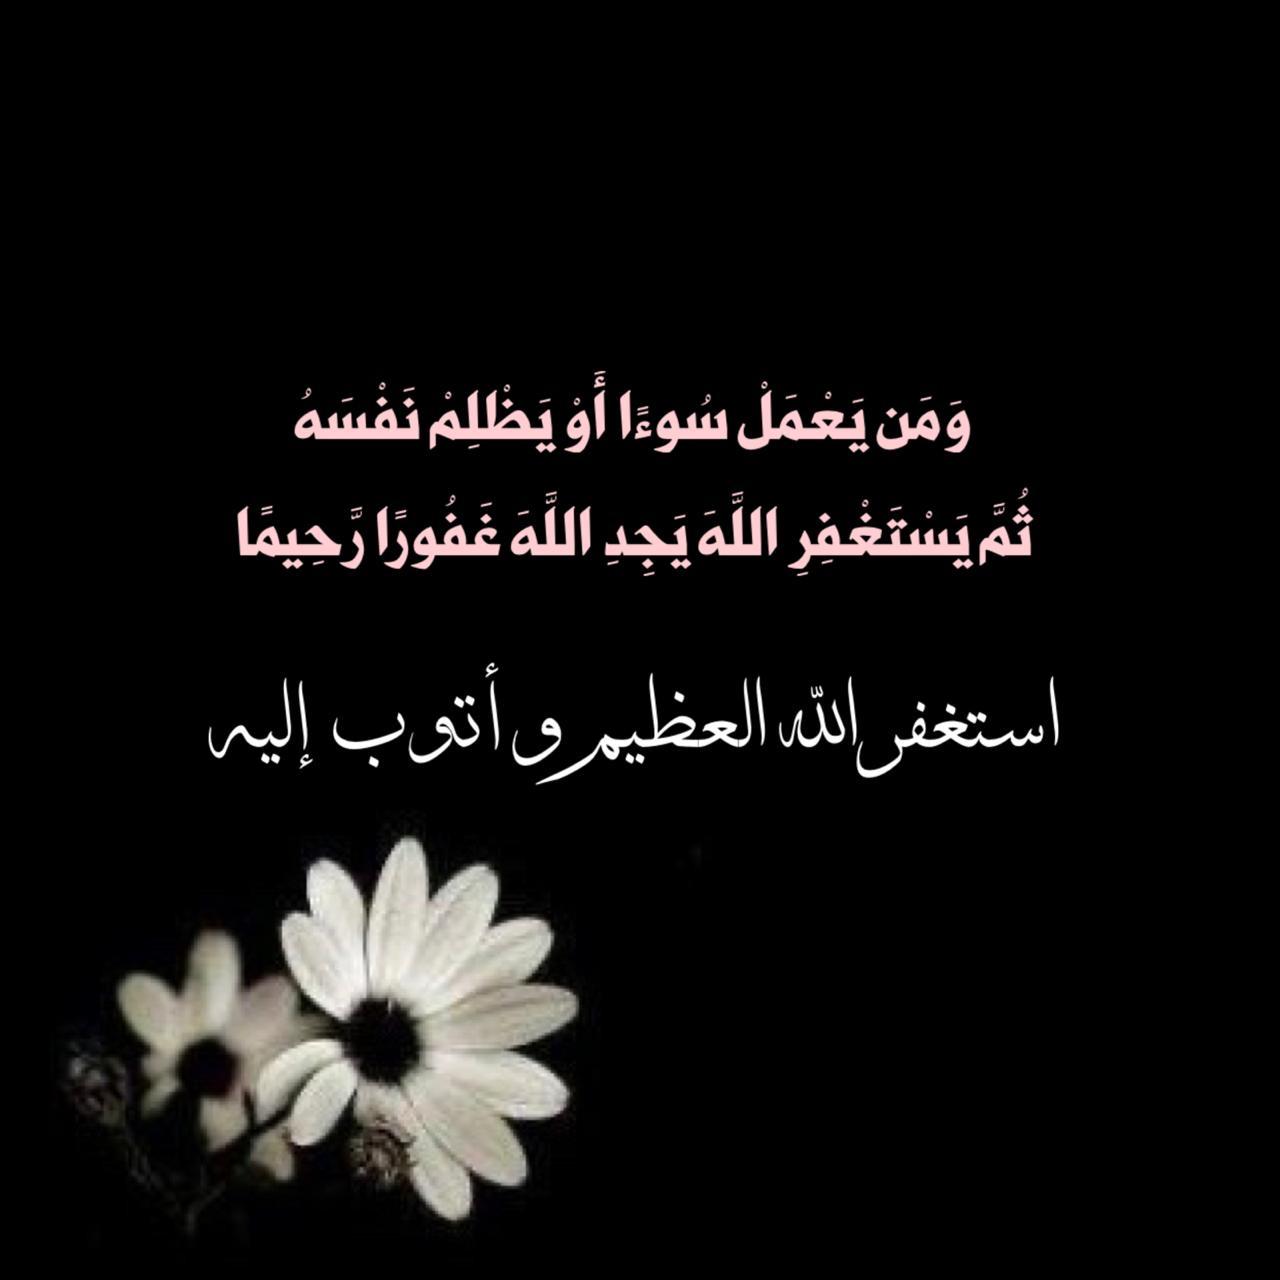 استغفرالله and الاستغفار image